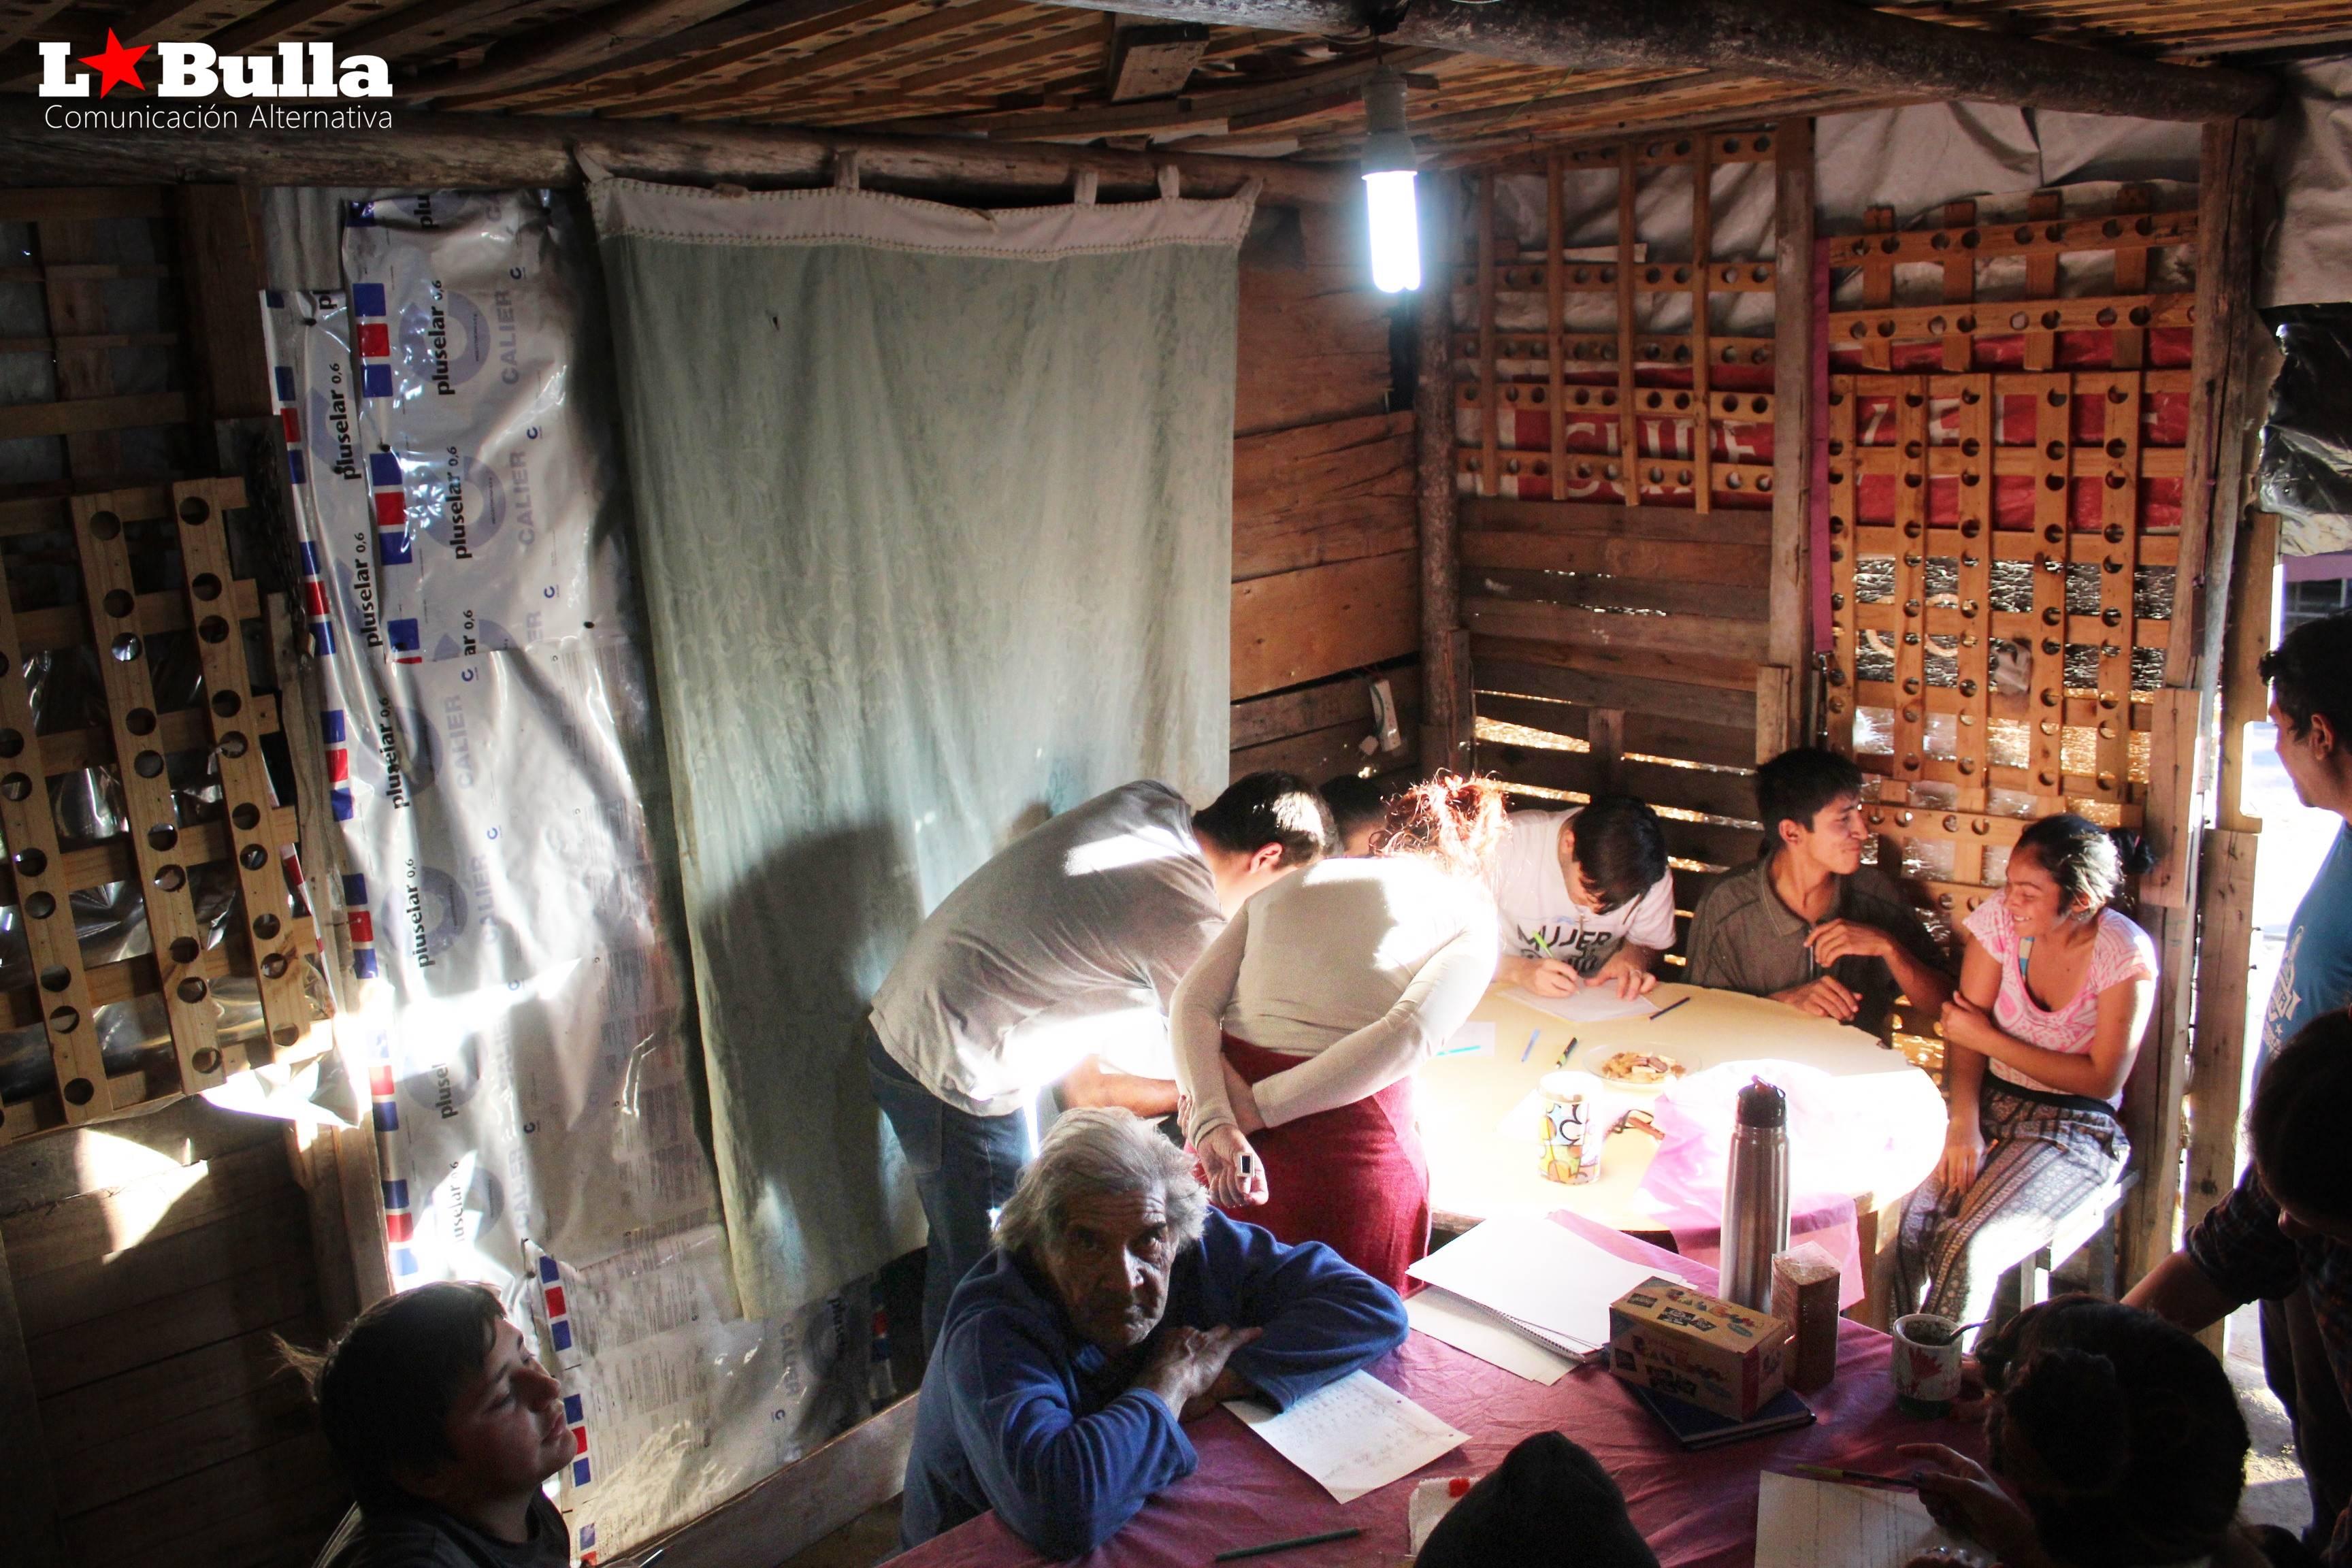 Alfabetización en el Barrio República